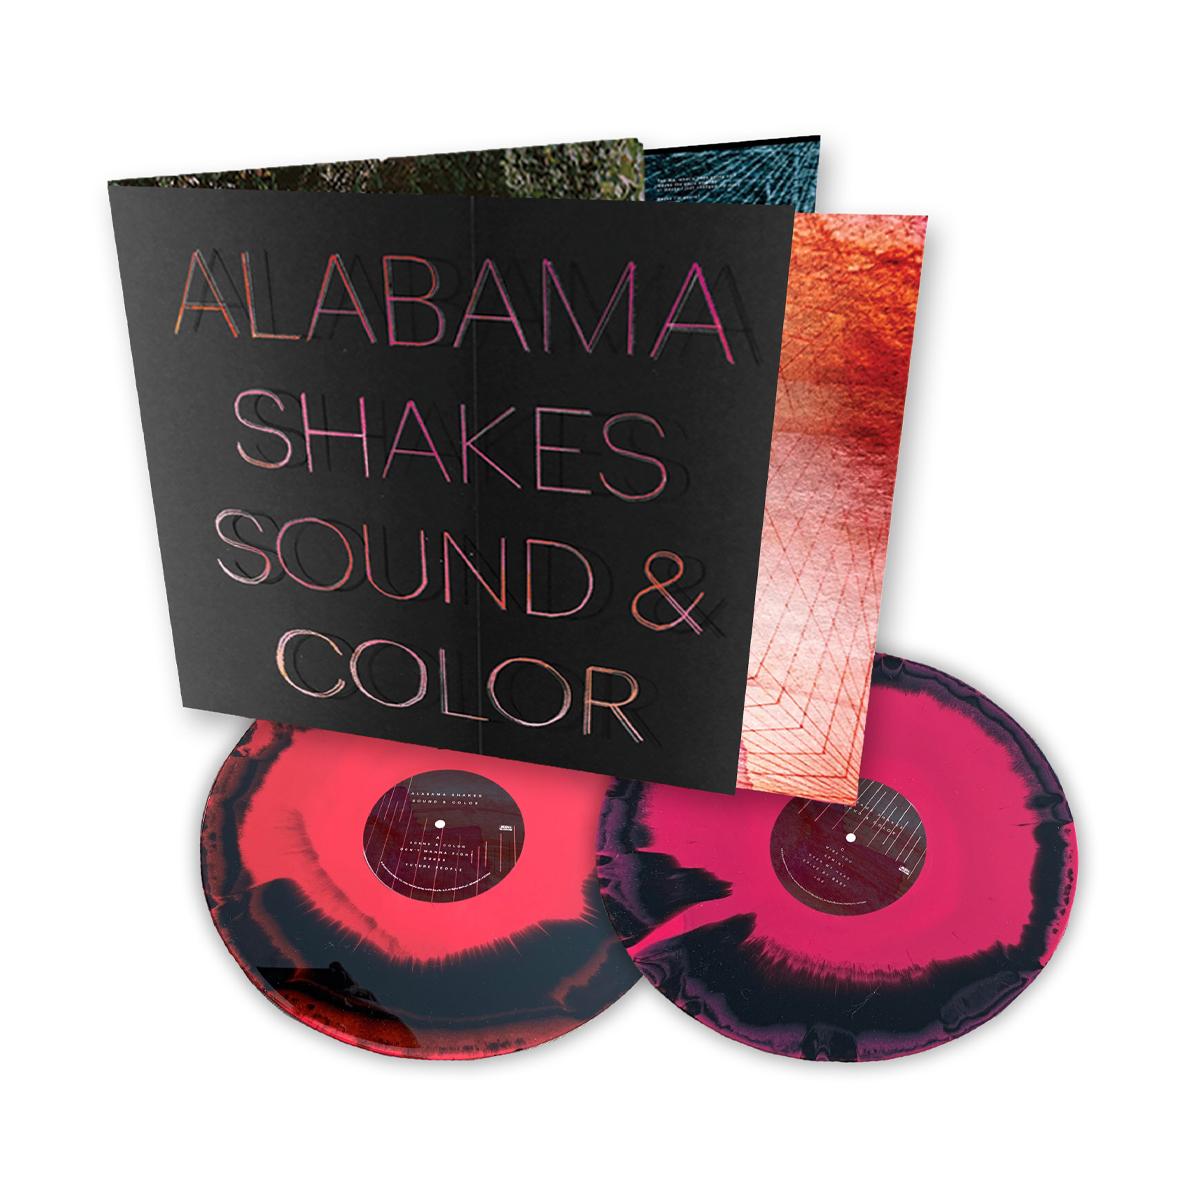 Alabama Shakes – Sound & Color Deluxe 2xLP